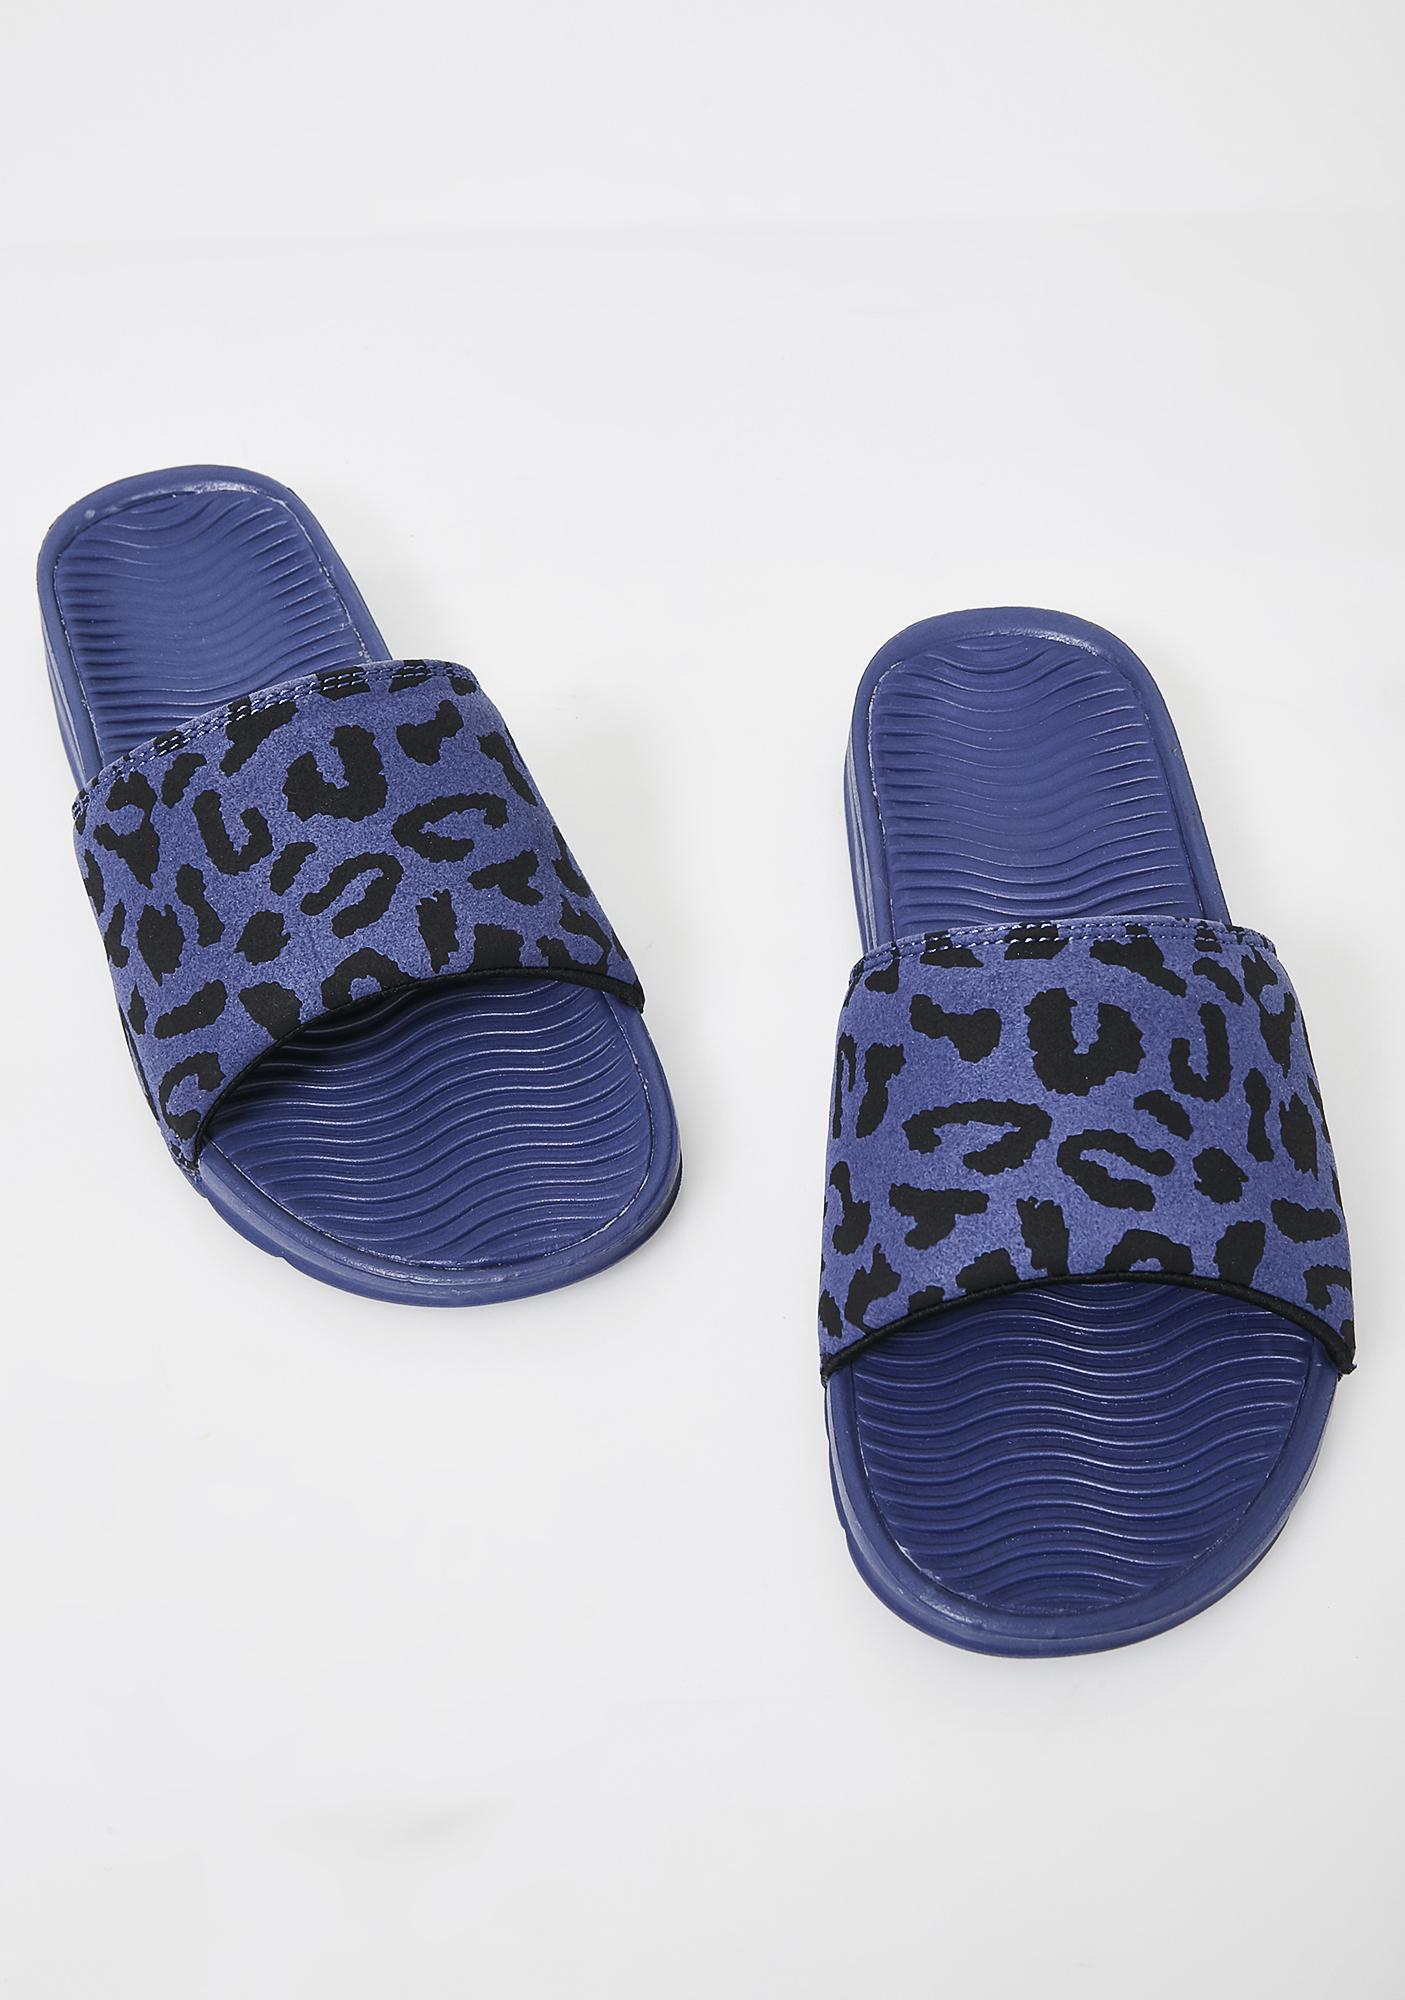 HUF Blue Leopard Slides